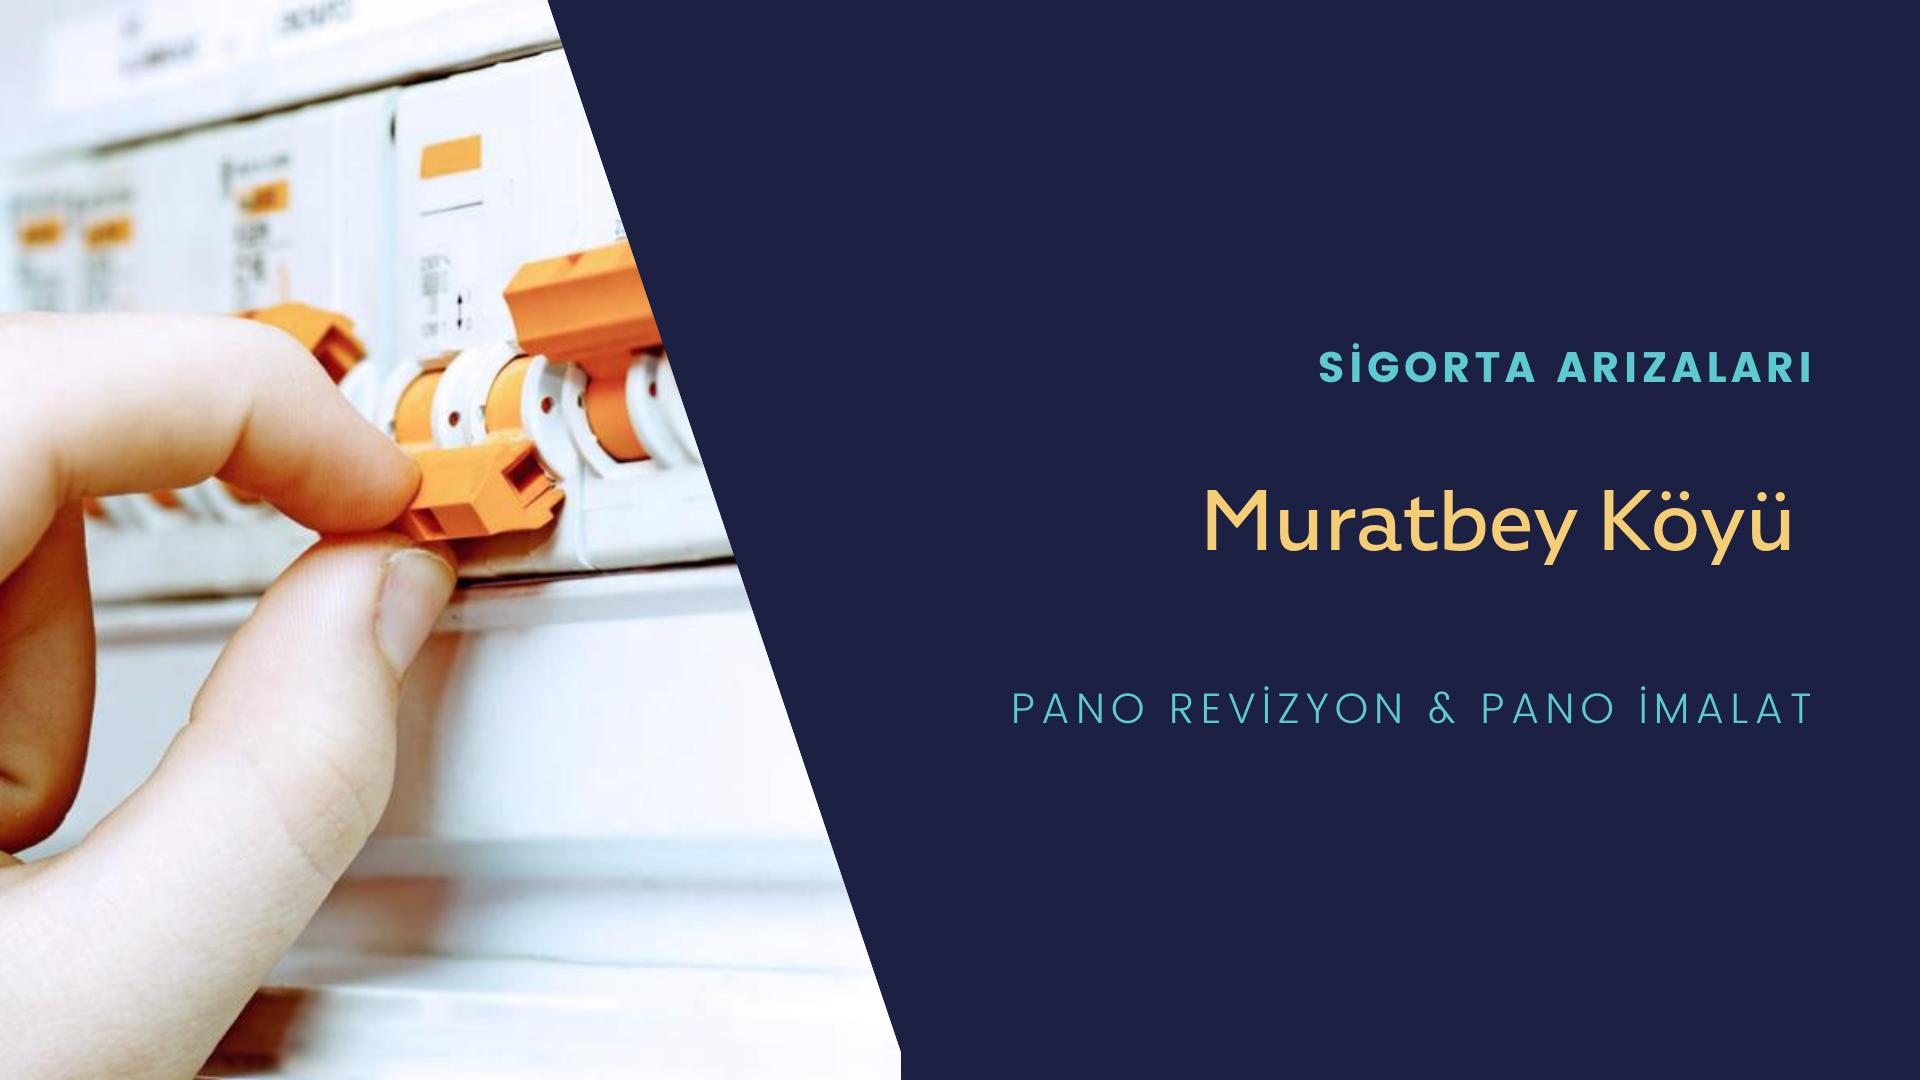 Muratbey Köyü Sigorta Arızaları İçin Profesyonel Elektrikçi ustalarımızı dilediğiniz zaman arayabilir talepte bulunabilirsiniz.